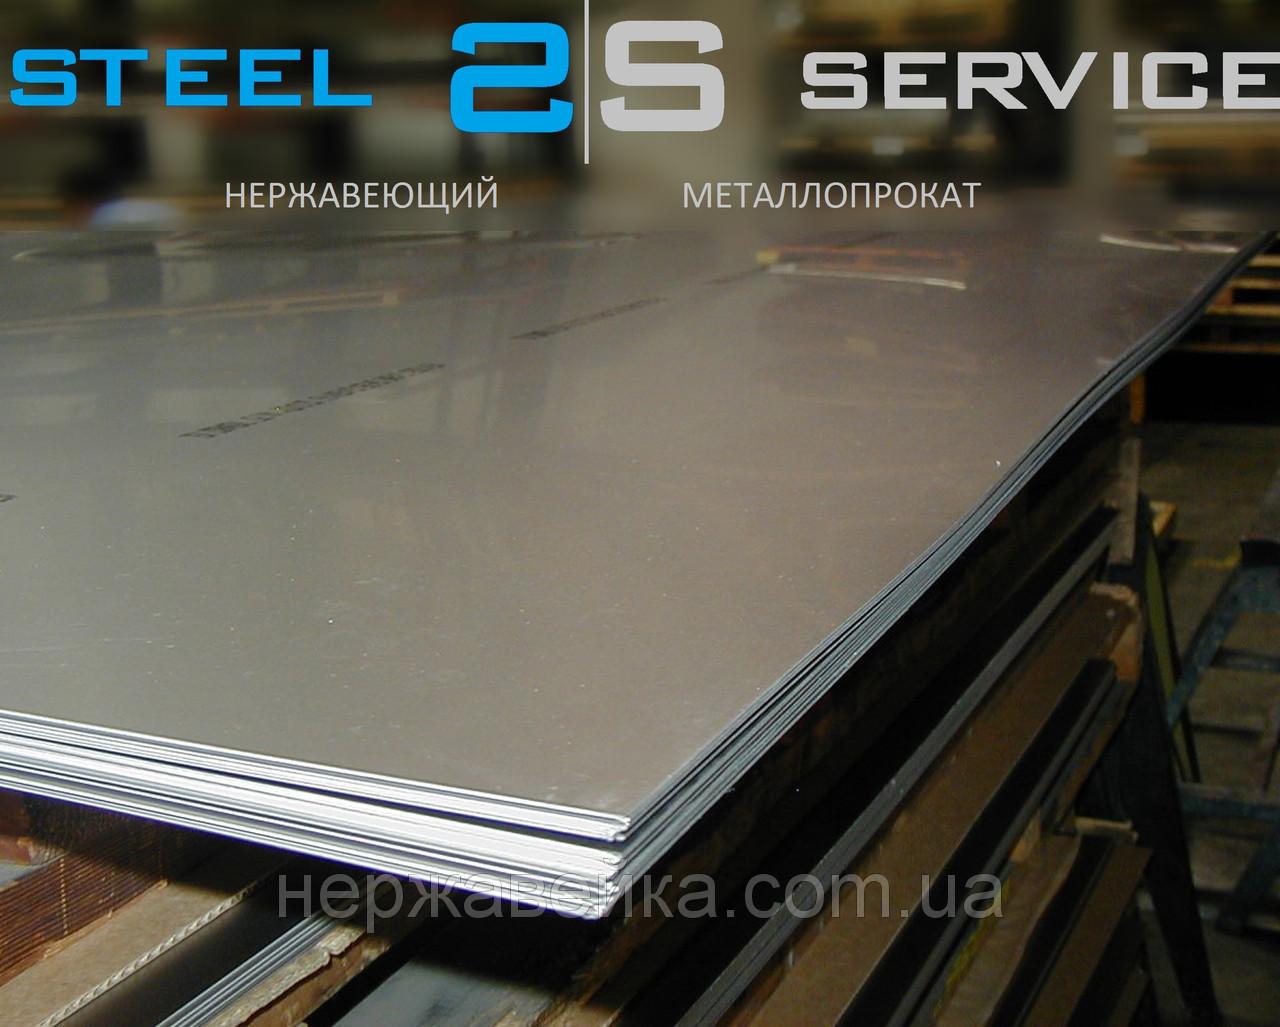 Нержавеющий лист 30х1500х3000мм  AISI 316Ti(10Х17Н13М2Т) F1 - горячекатанный,  кислотостойкий